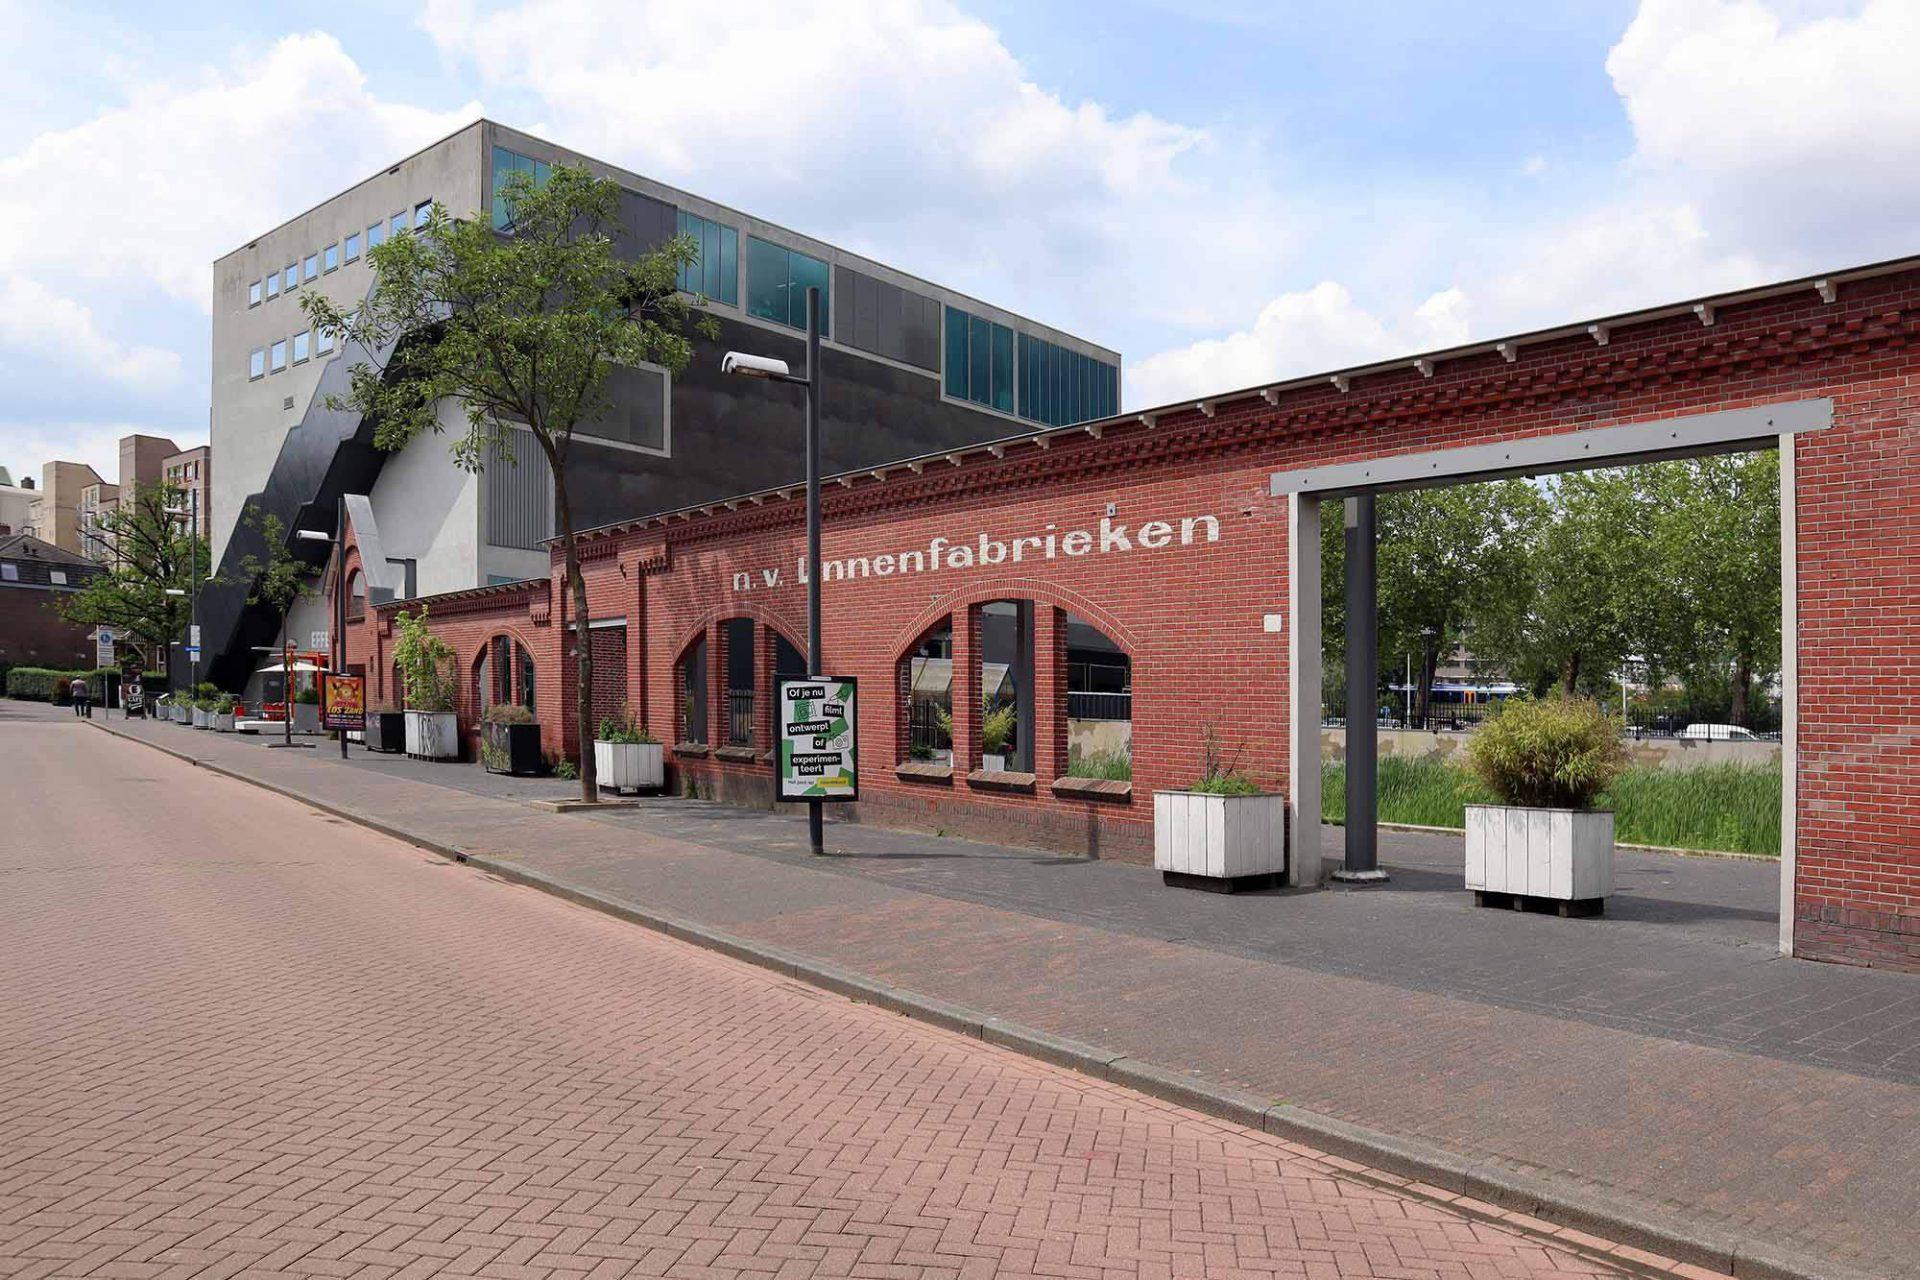 """De Effenaar. Der alte Musikclub """"Effenaar"""" prägte mit Rock- und Popkonzerten ganze Generationen von Jugendlichen in Eindhoven. Er befand sich in einer ehemaligen Leinenfabrik von der nur noch die Mauern erhalten sind. Die Veranstaltungen finden seit 2005 in einem Neubau nach Plänen von MVRDV auf dem benachbarten Grundstück statt."""